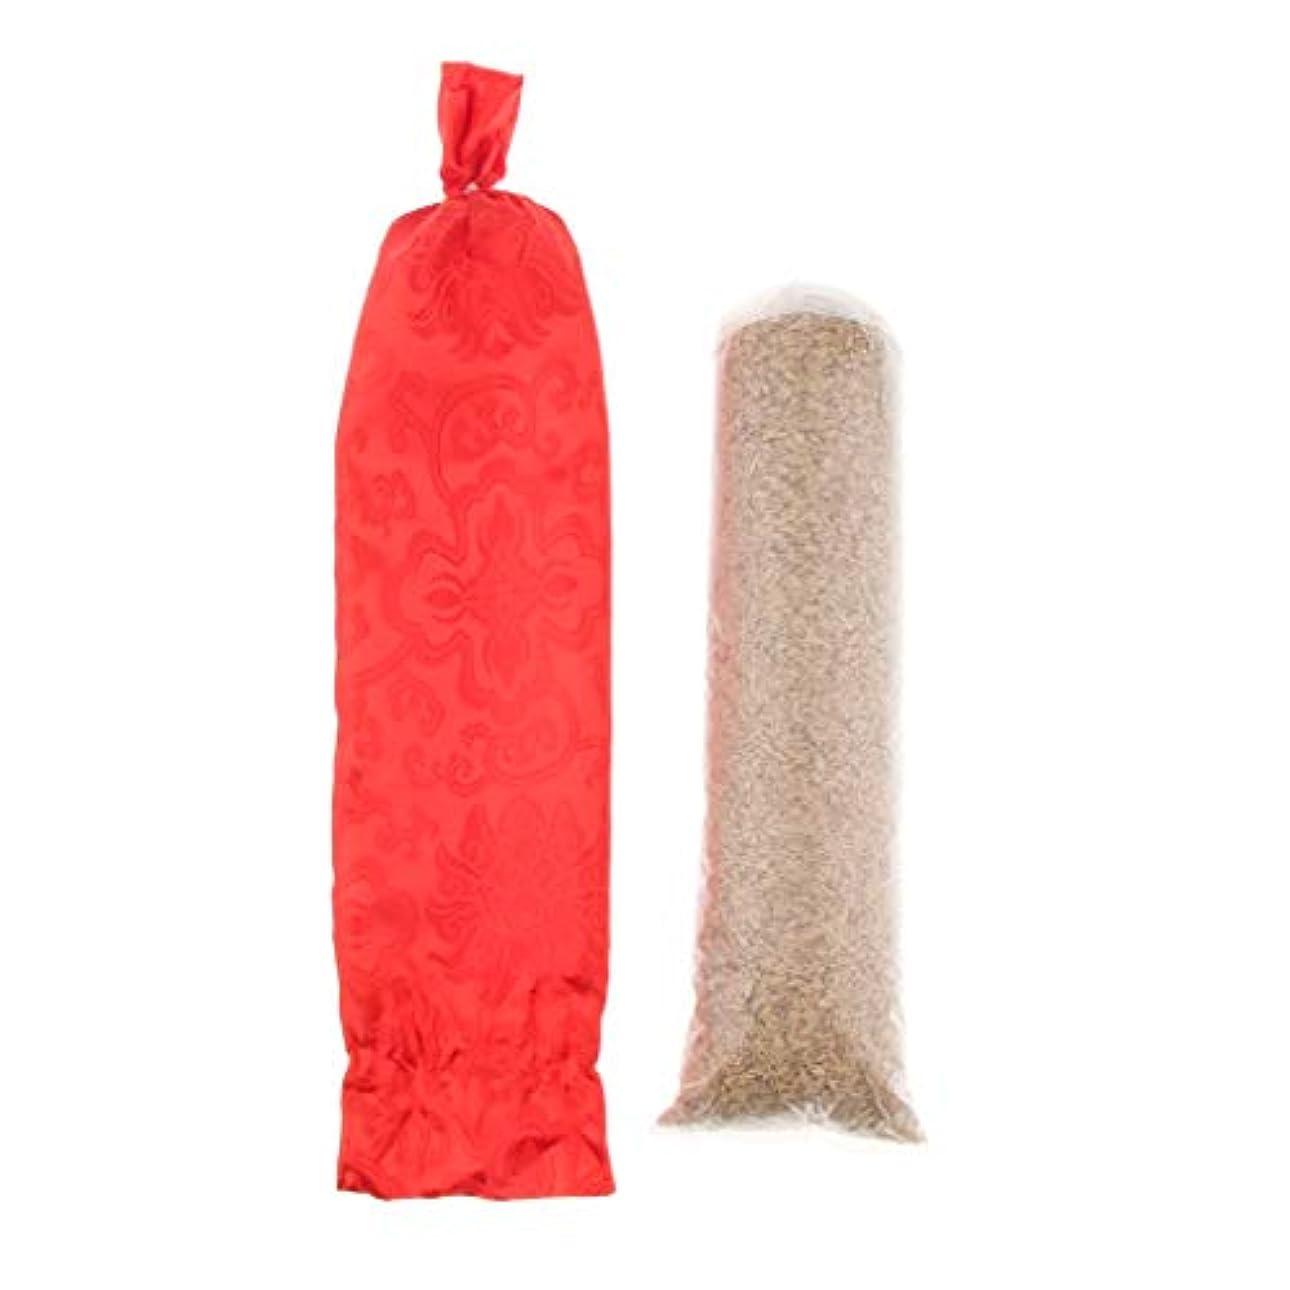 感謝祭給料拒絶するラウンド 頚部枕 ロール枕 洗濯可能なカバー サポートピロー